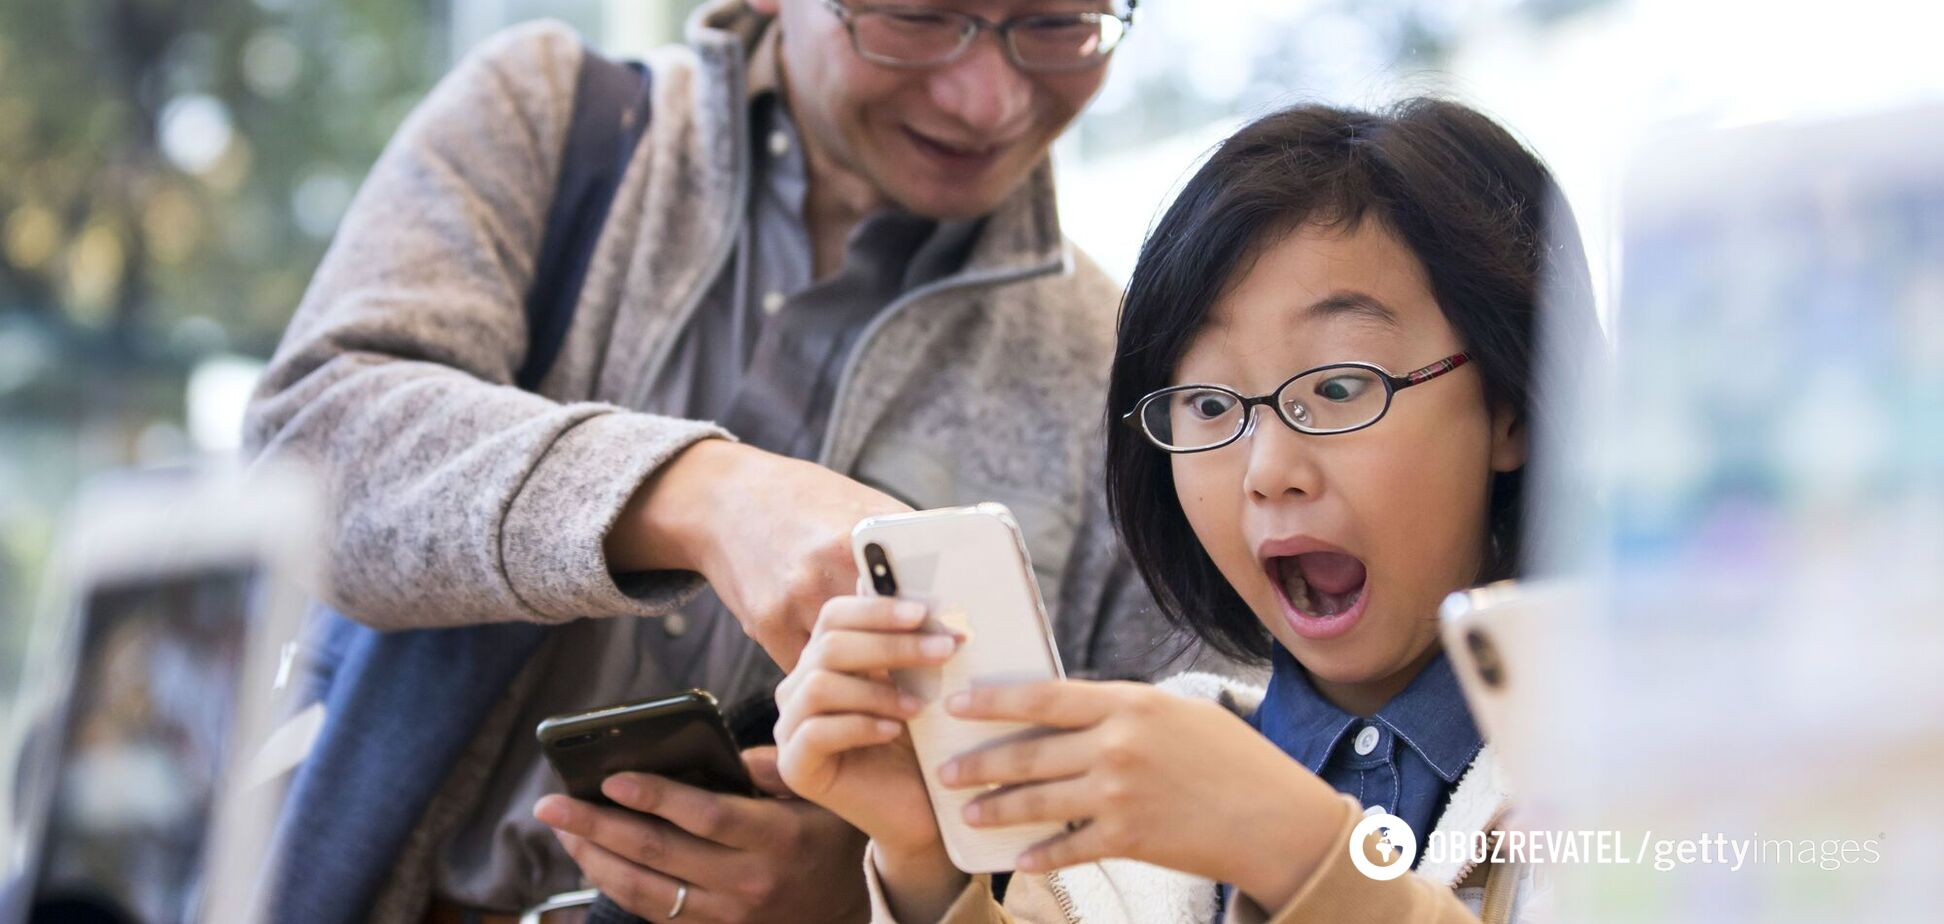 В iPhone появилась функция разблокировки в маске: как она работает